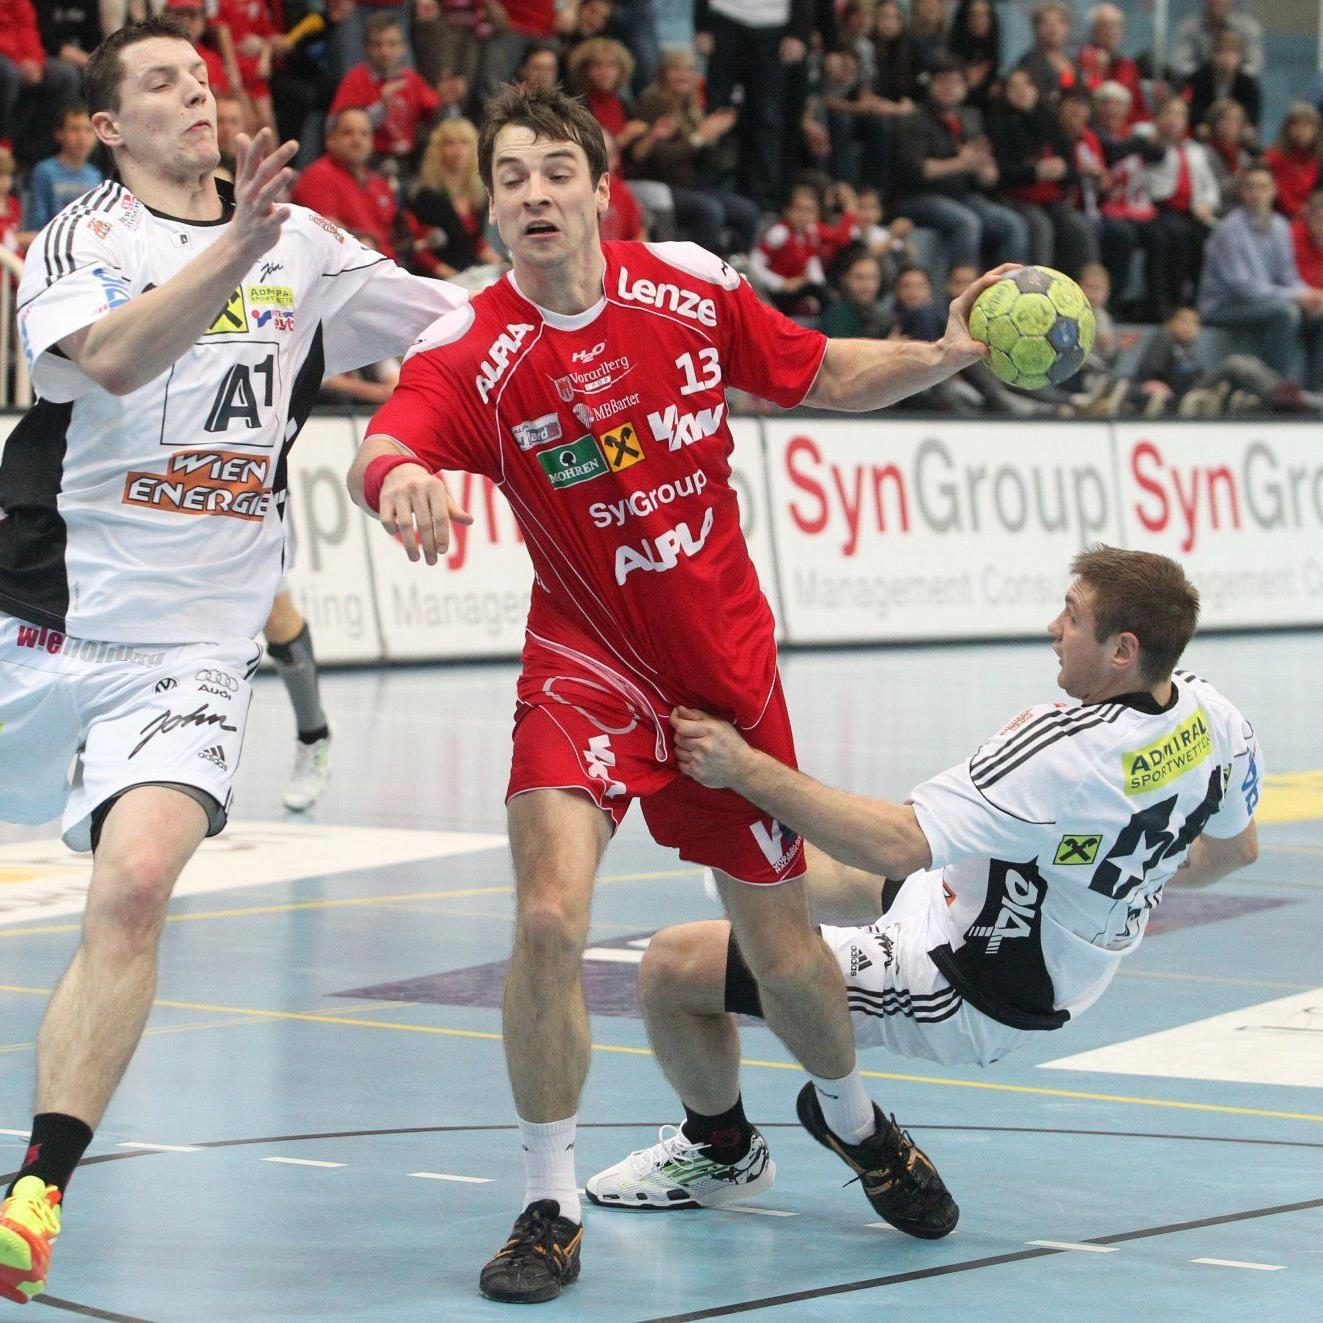 Typische Szene für den Cup-Schlager in Hard: Romas Kirveliavicius (l.) und Vytas Ziura (r.) versuchen mit allen Mitteln, Hard-Linkshänder Marko Tanaskovic am Torwurf zu hindern.